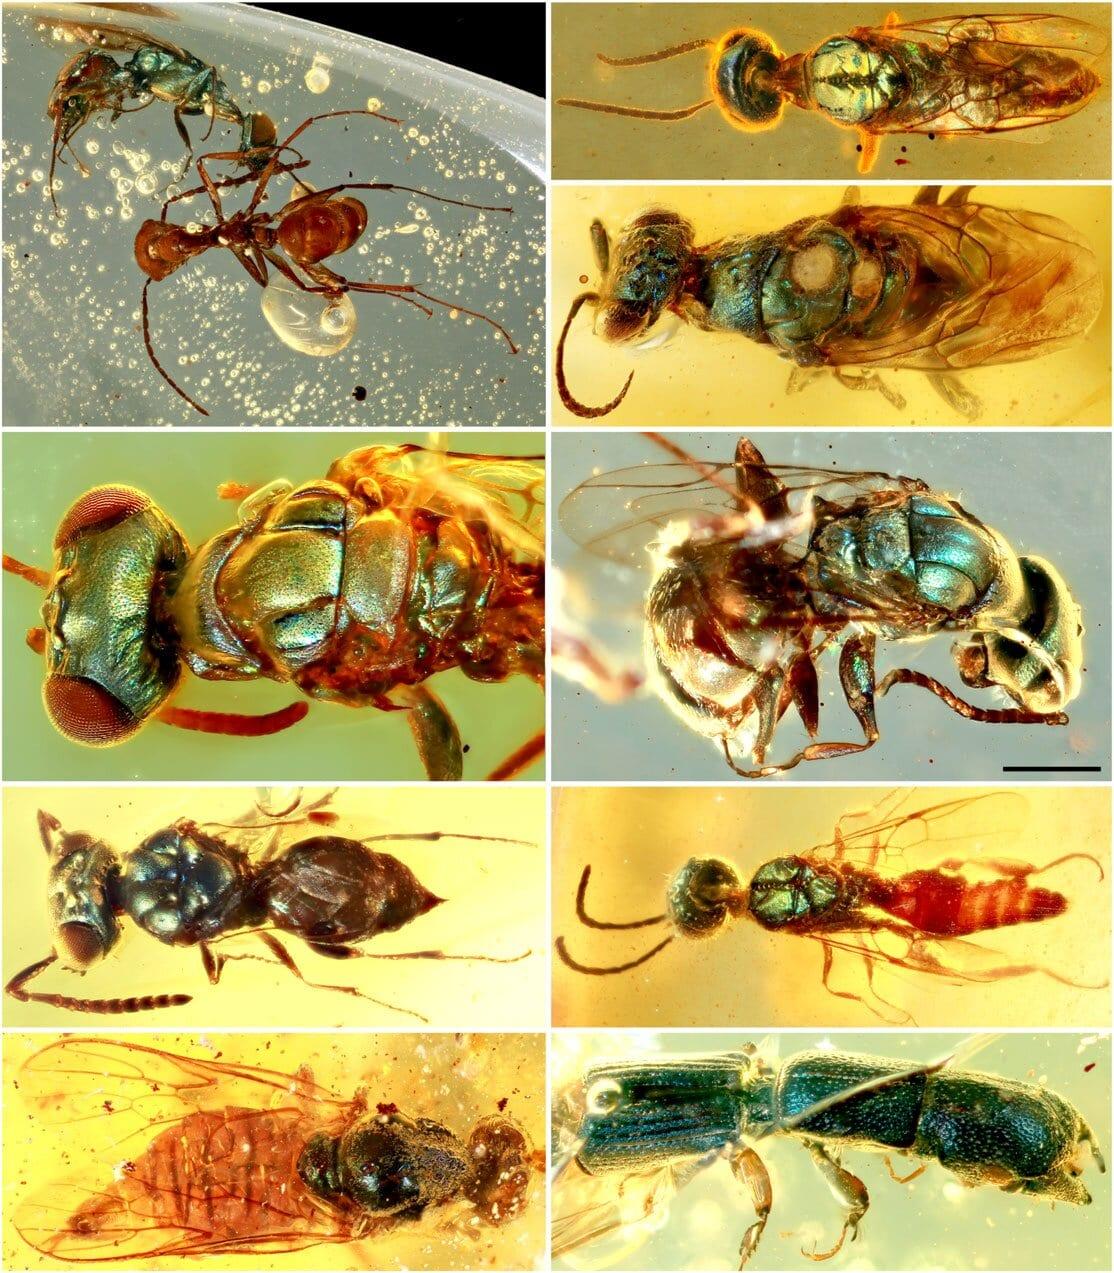 Insetti fossili del Cretaceo: i loro colori preservati dall'ambra